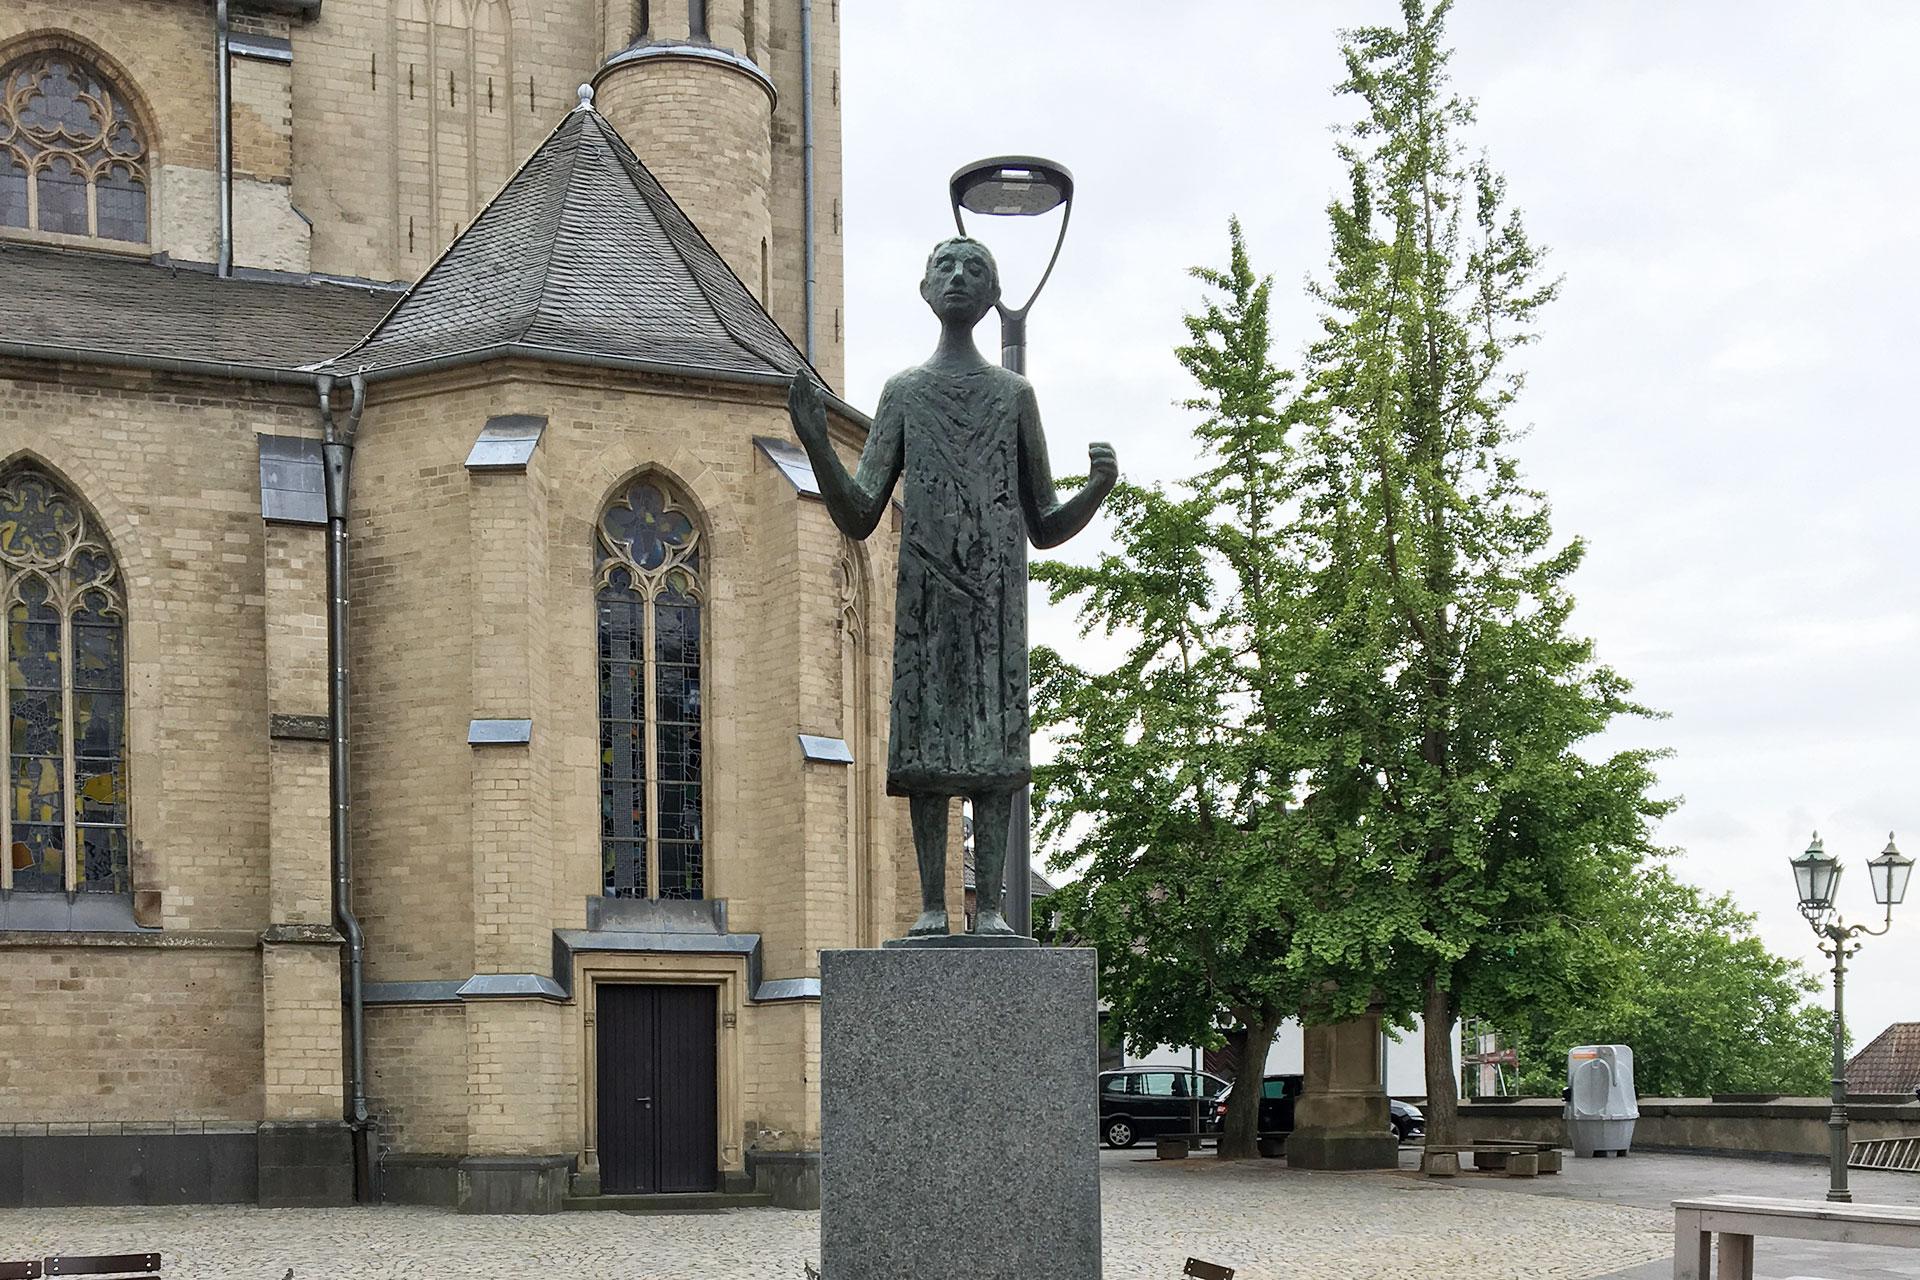 Die Figur des Heiligen Vitus von Peter Haak auf dem Alten Markt in Mönchengladbach